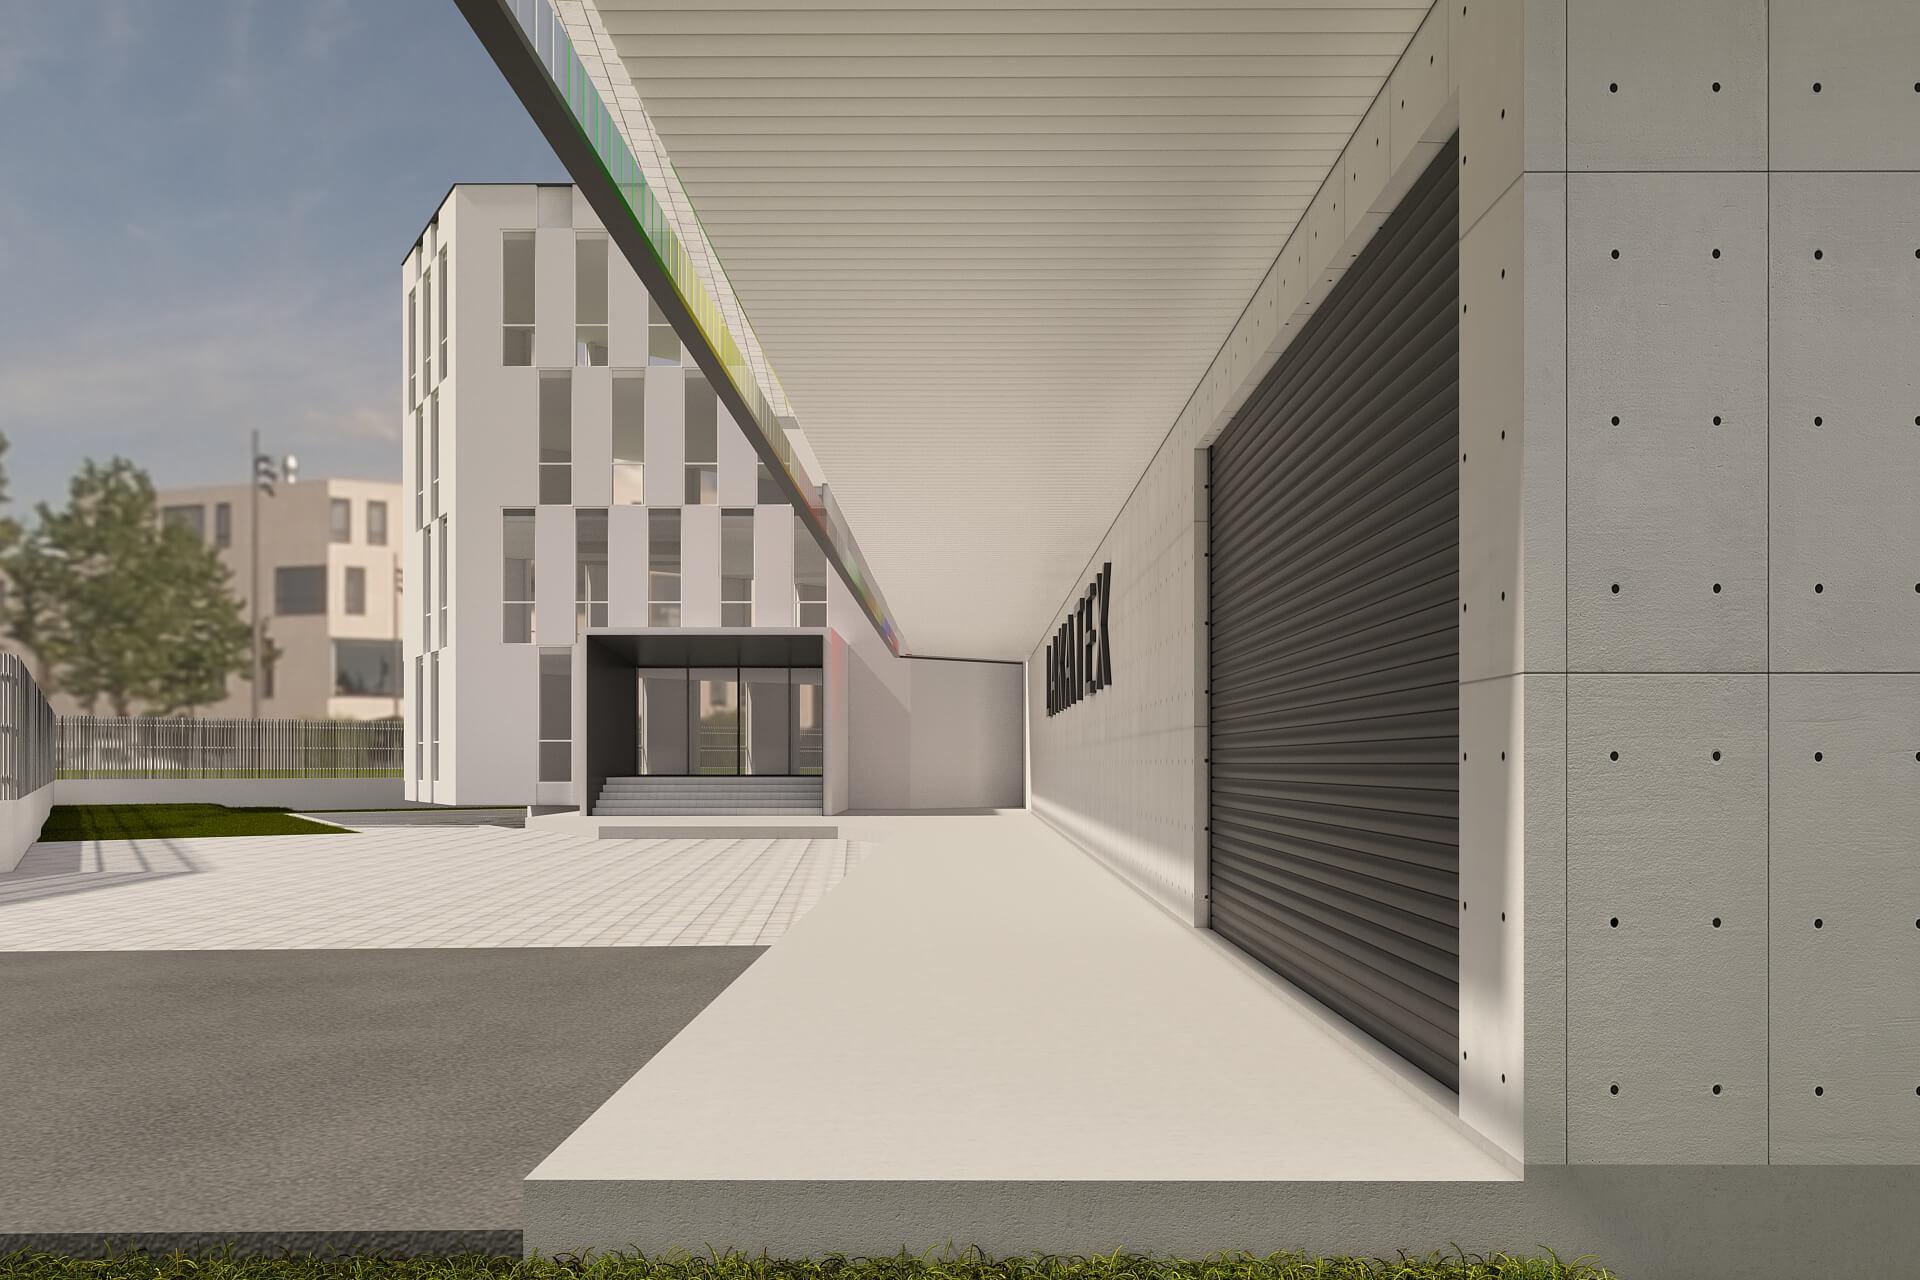 商空設計,工廠設計,建築設計,自地自建規畫,外觀設計,建築外觀設計,造景設計